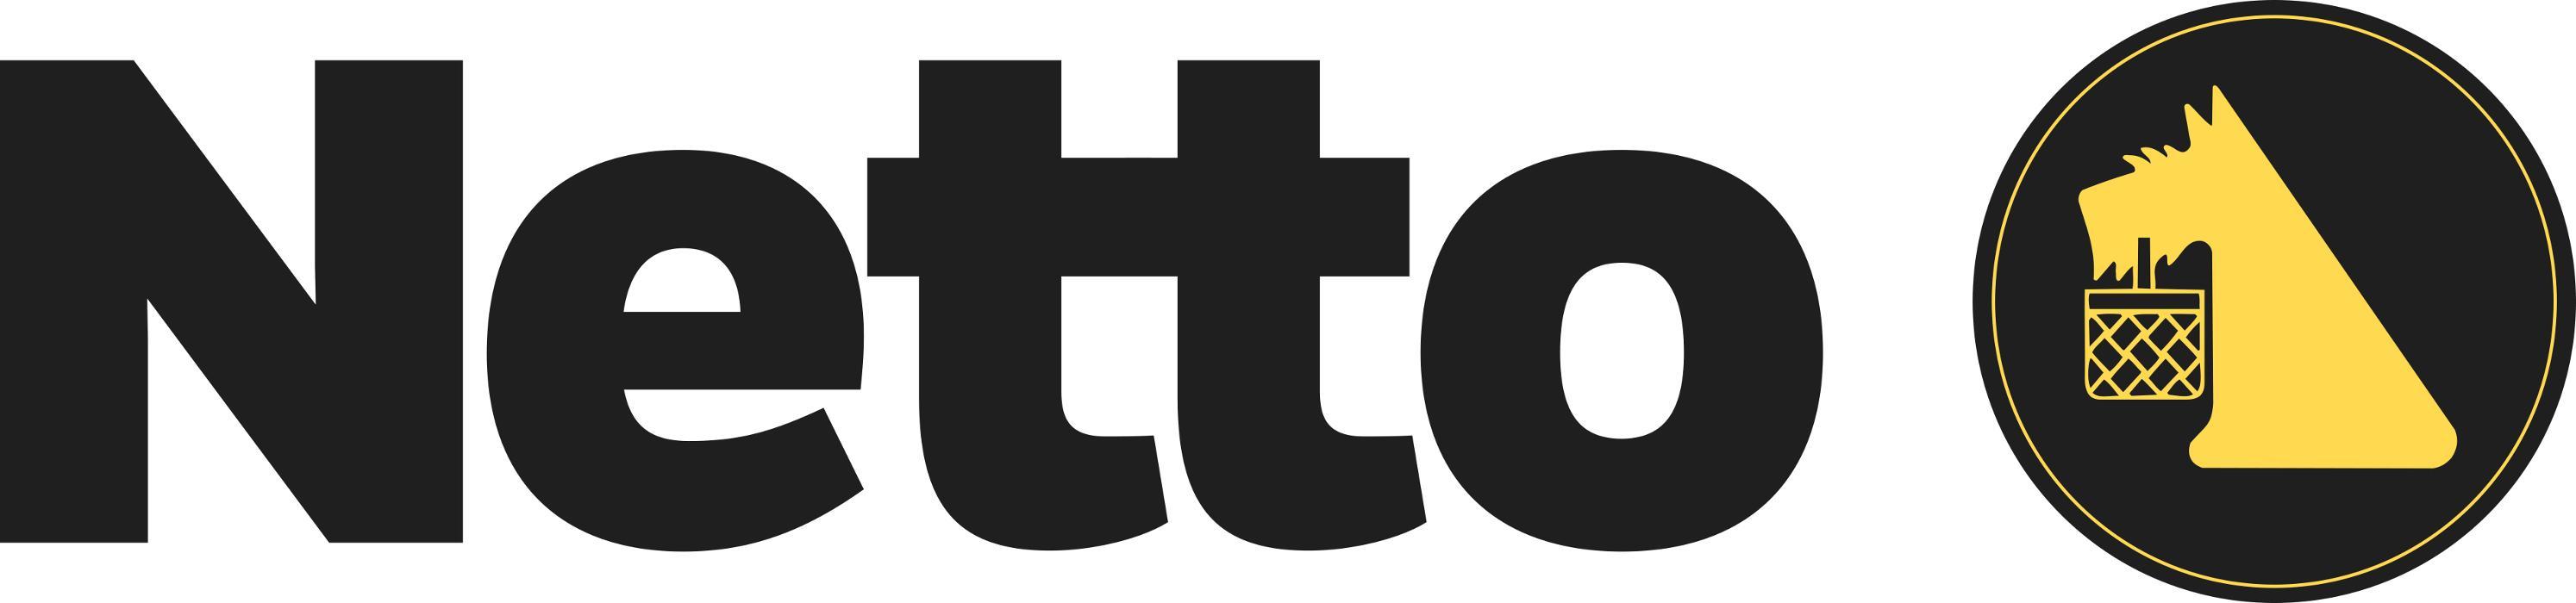 Logo von Netto Deutschland - schwarz-gelber Discounter mit dem Scottie